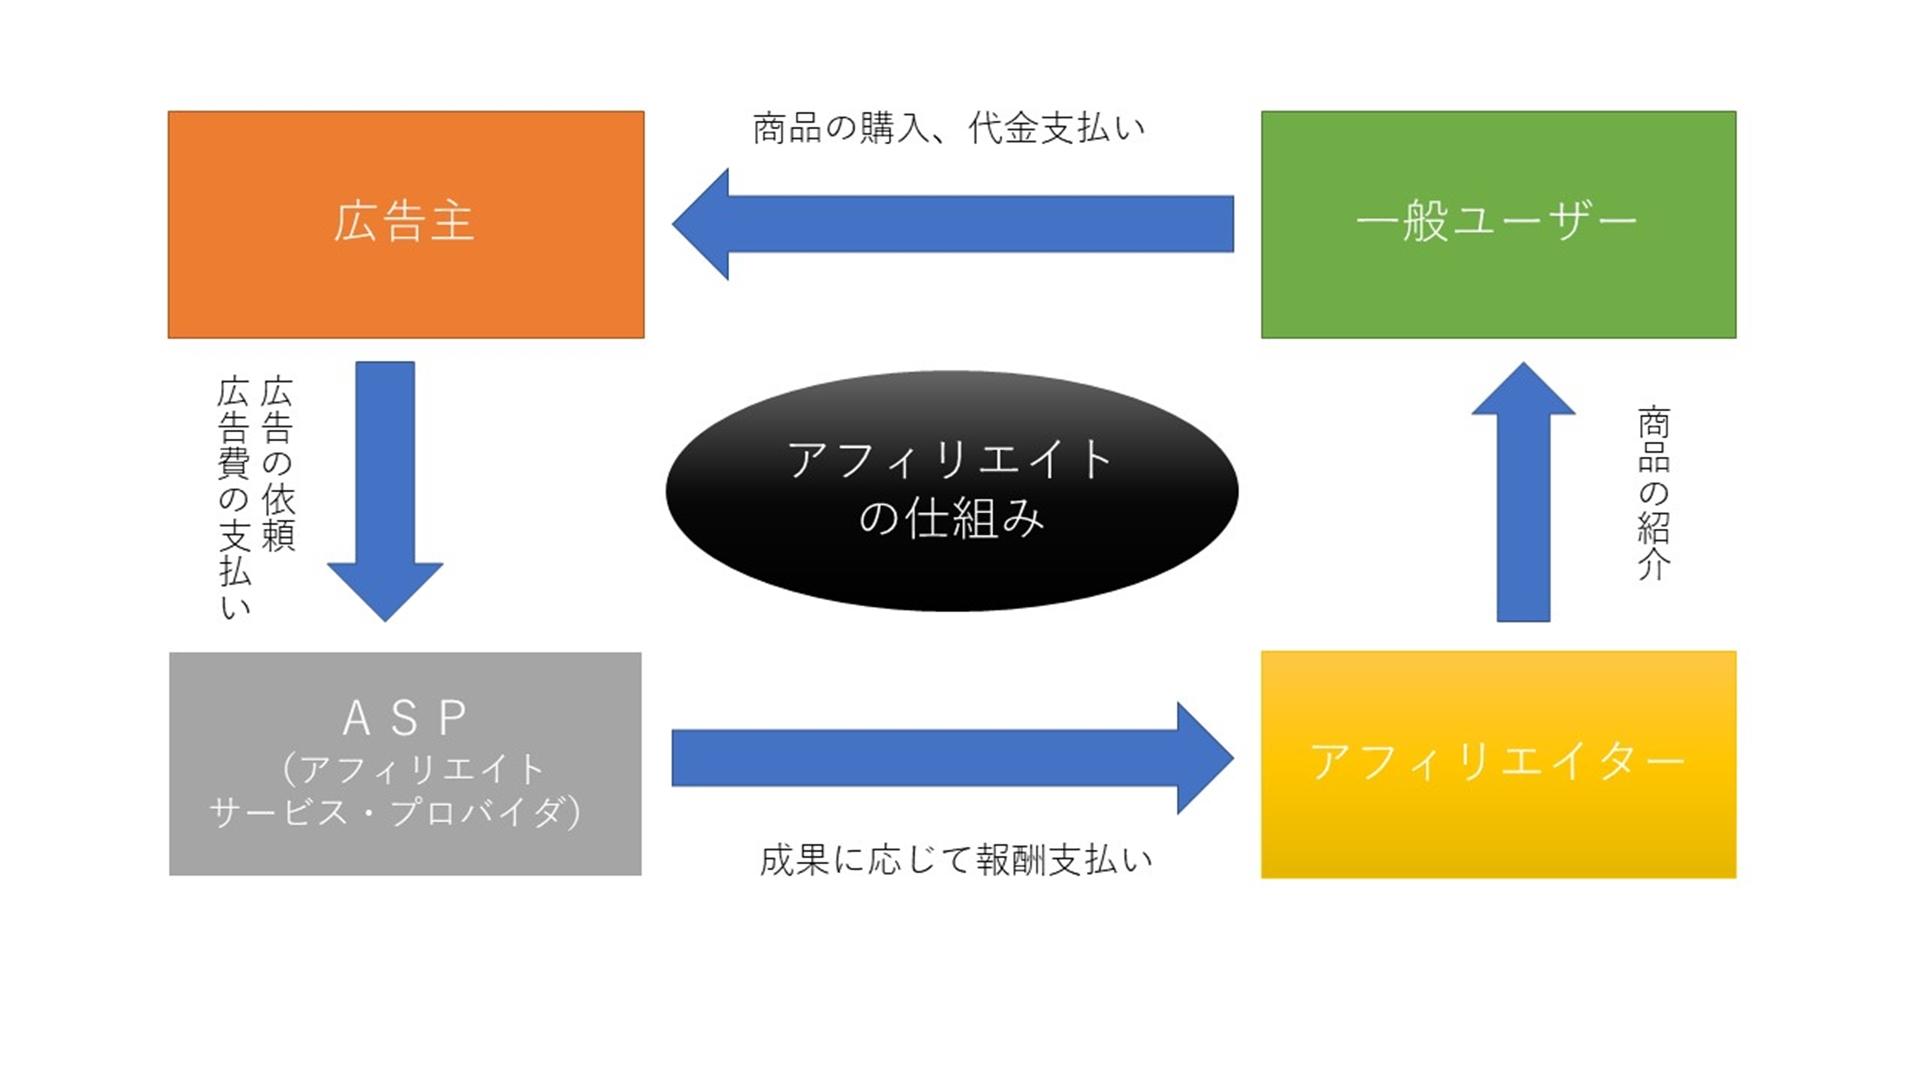 アフィリエイトで自動的に収入を生み出す仕組み化までの5ステップ